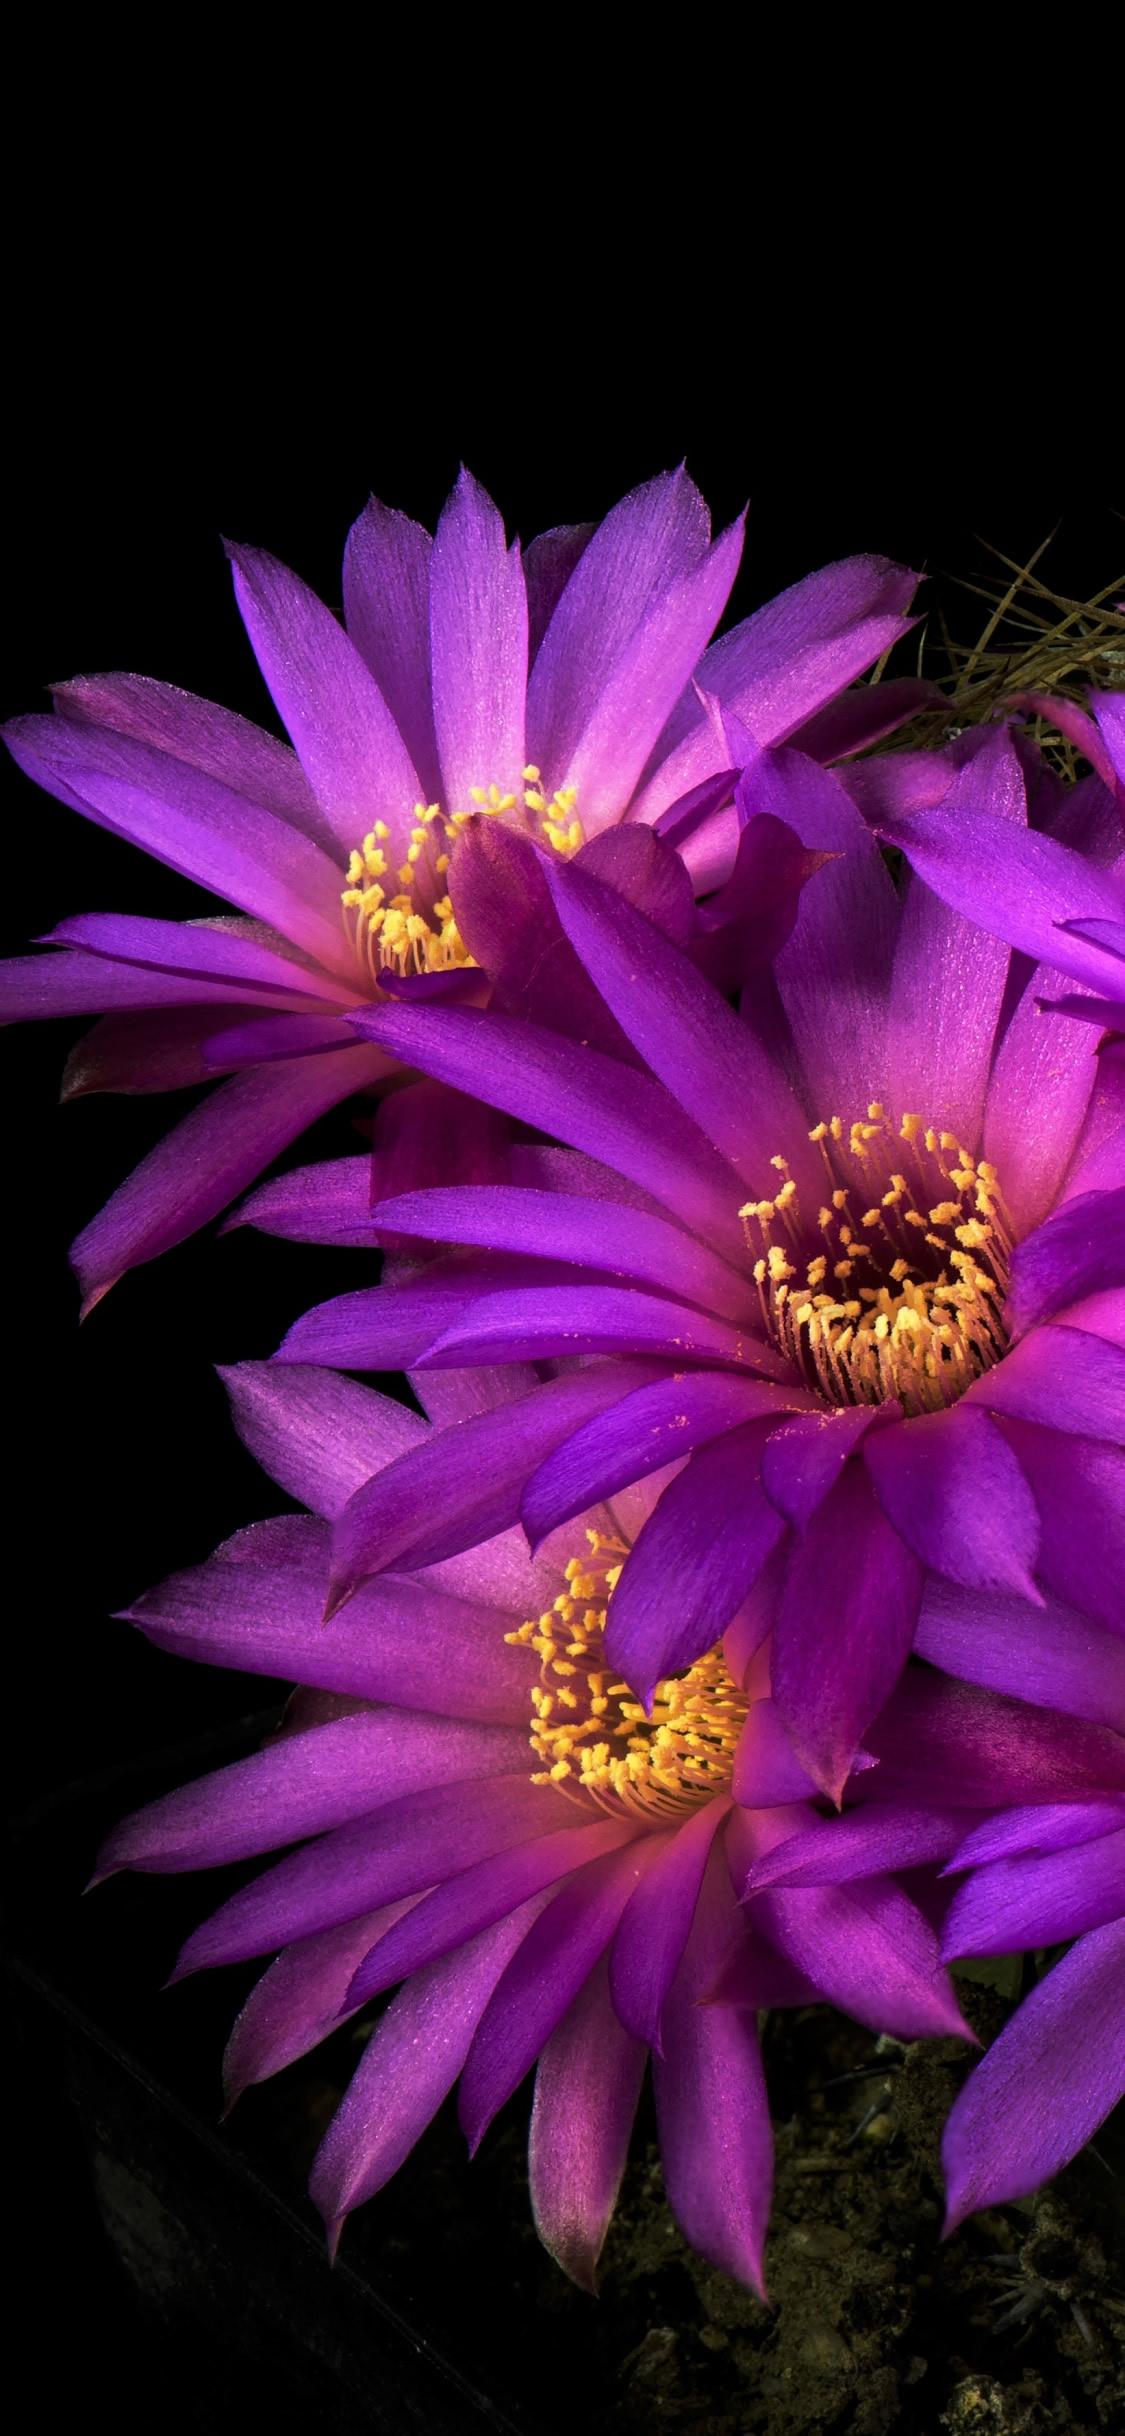 サボテンの花の壁紙